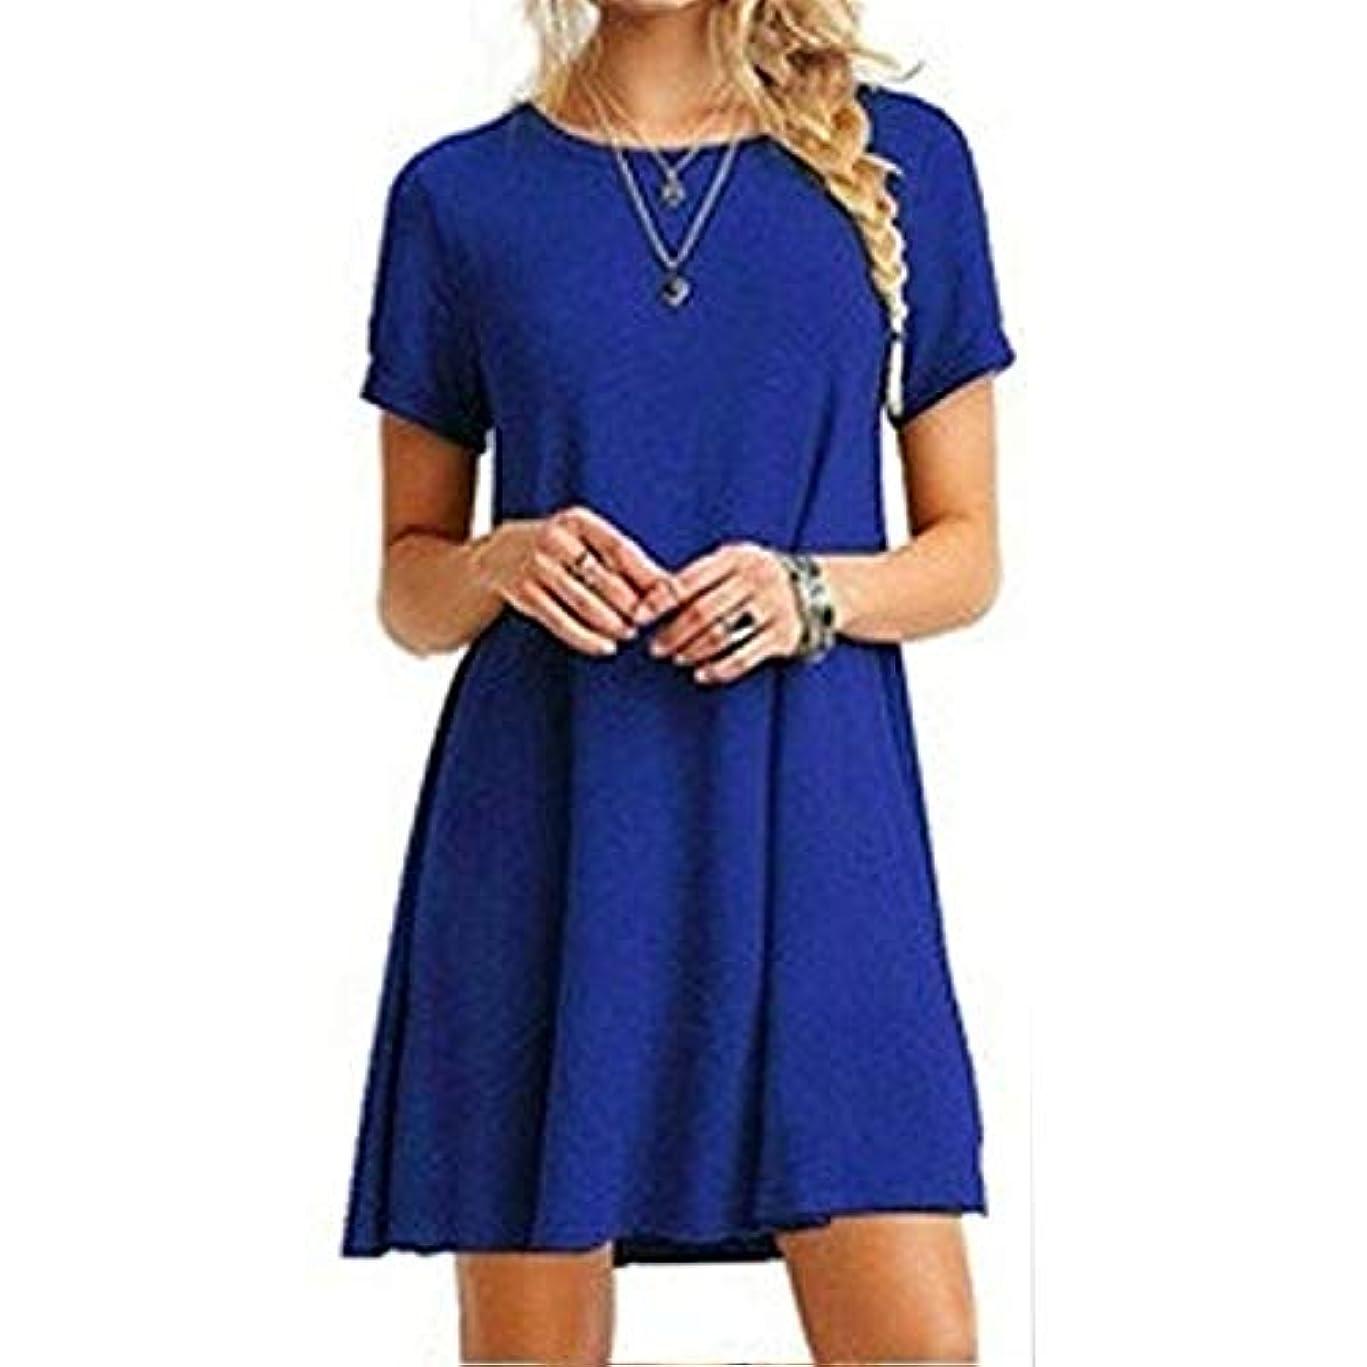 決定する始まり帰するMIFAN女性のファッション、カジュアル、ドレス、シャツ、コットン、半袖、無地、ミニ、ビーチドレス、プラスサイズのドレス